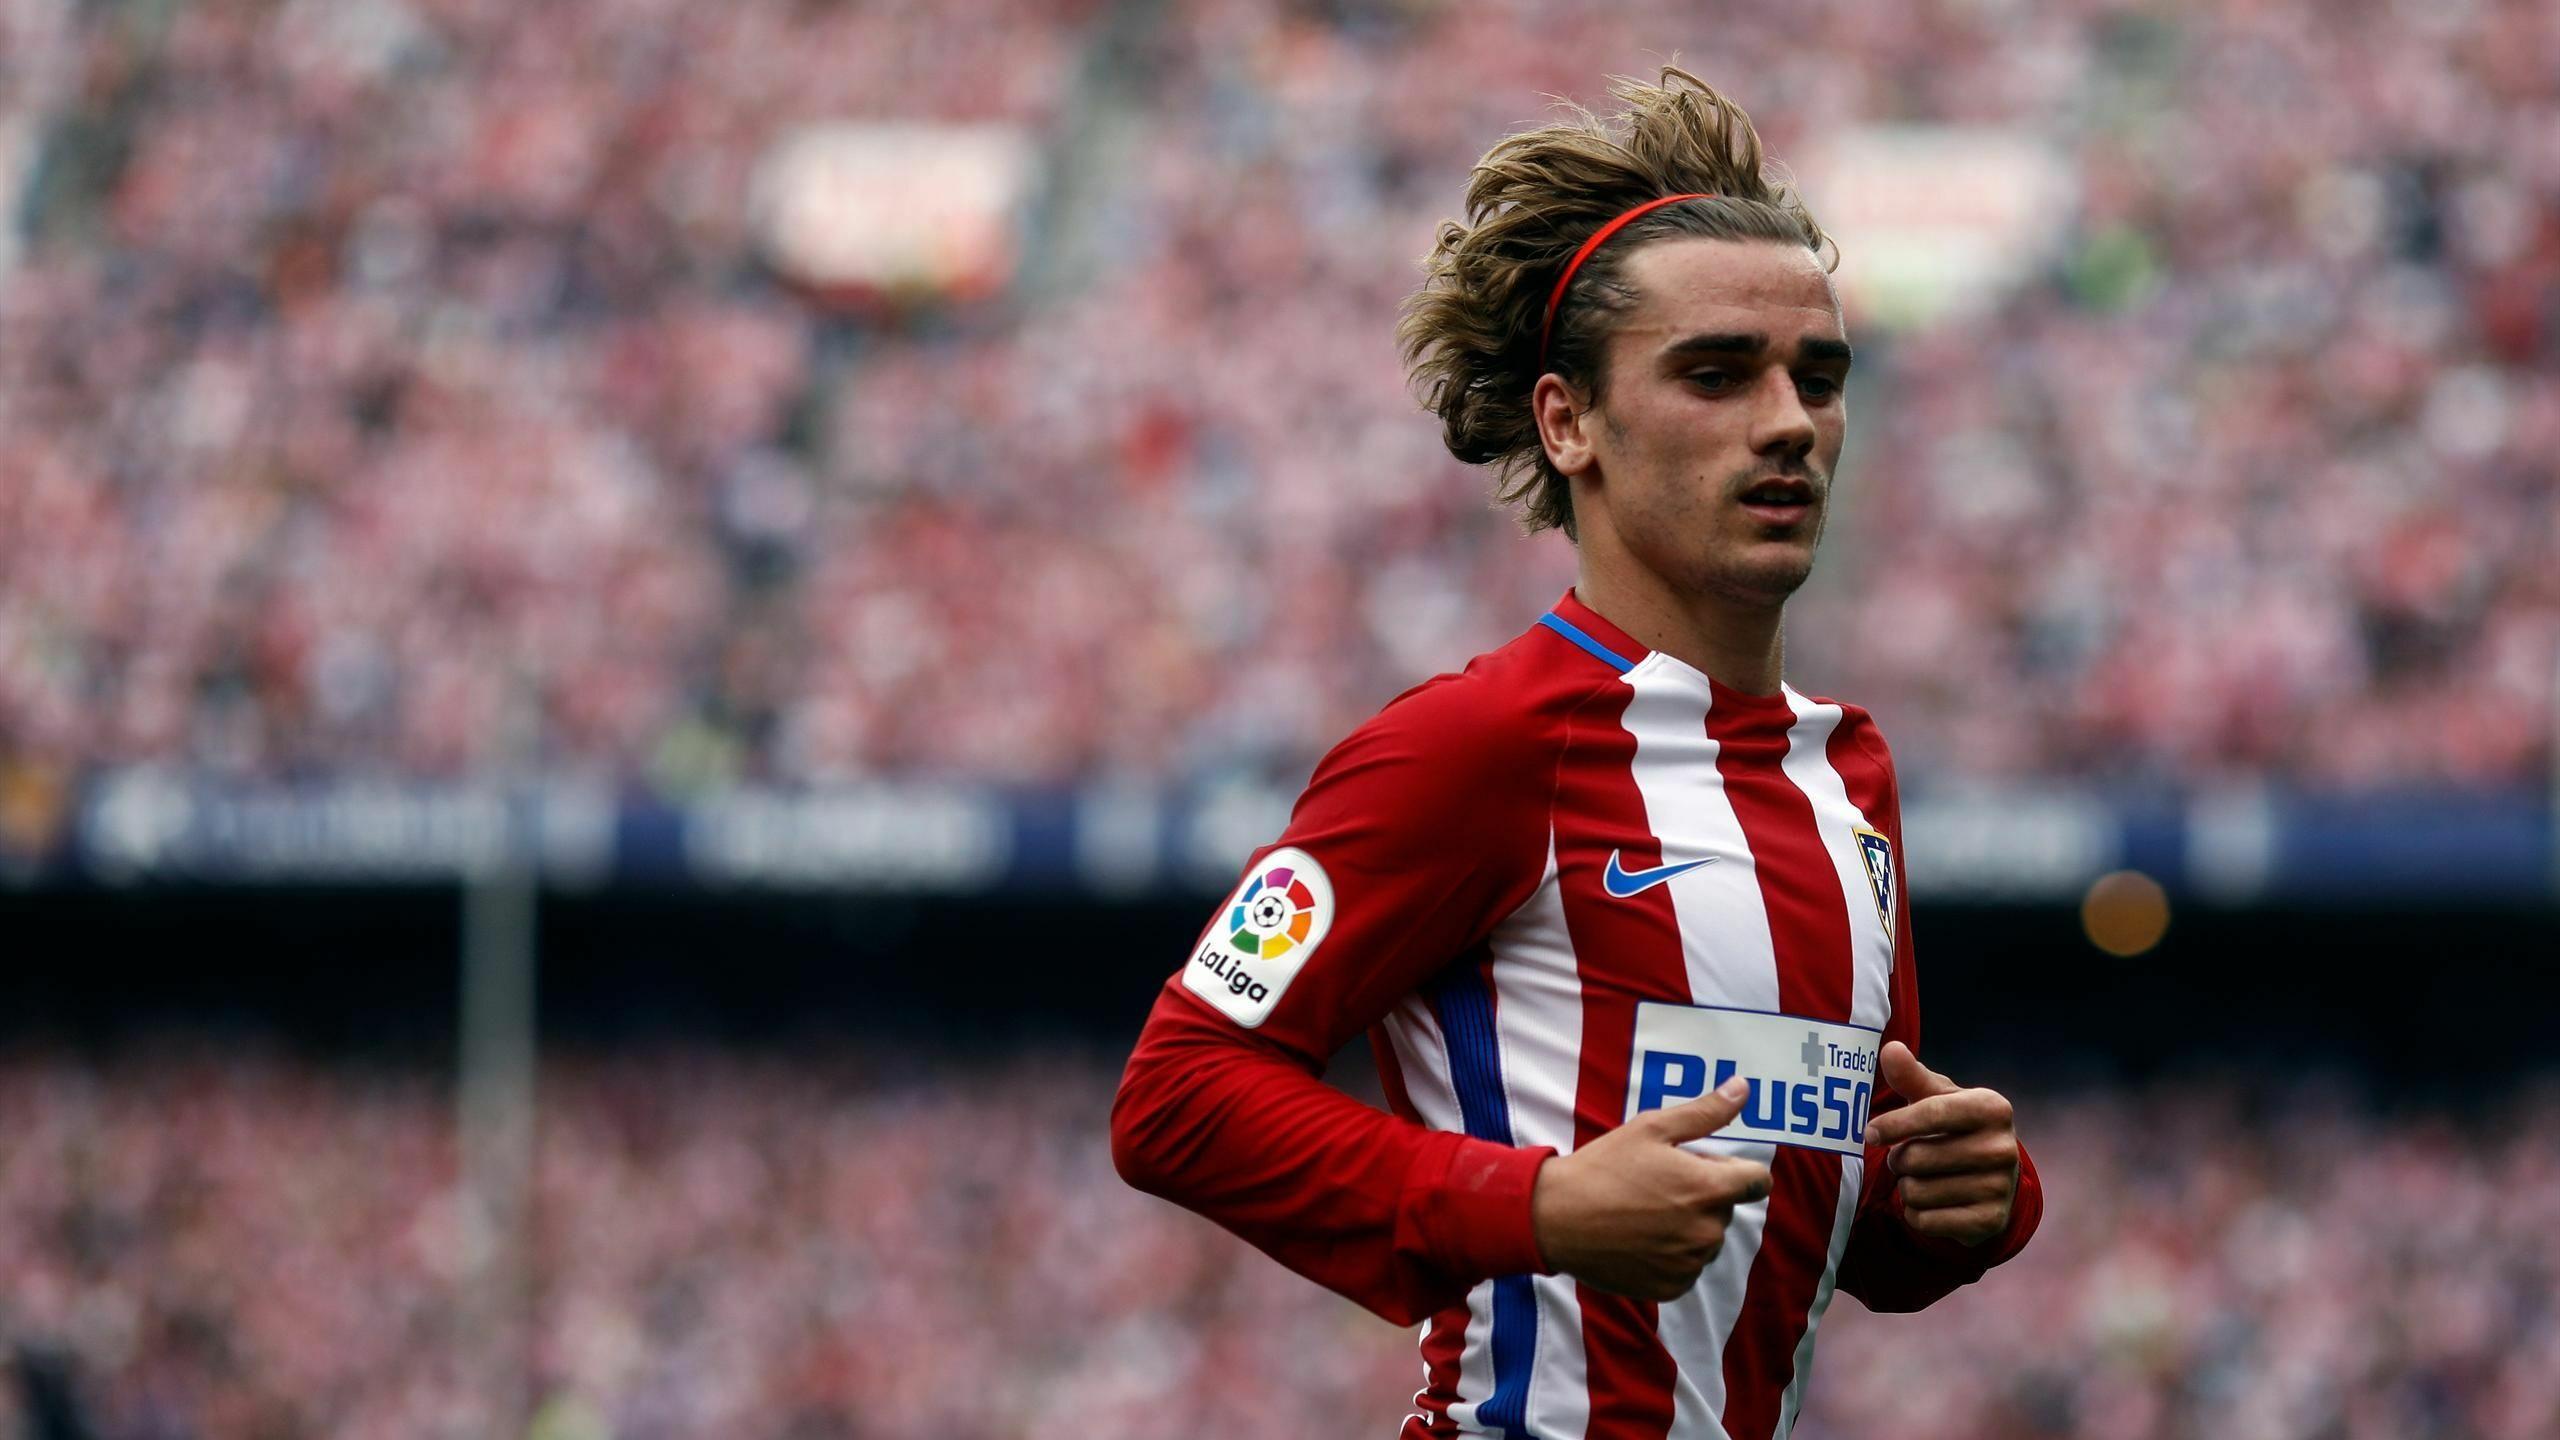 Podwyżka Zatrzyma Antoinea Griezmanna W Atletico Madryt Piłka Nożna